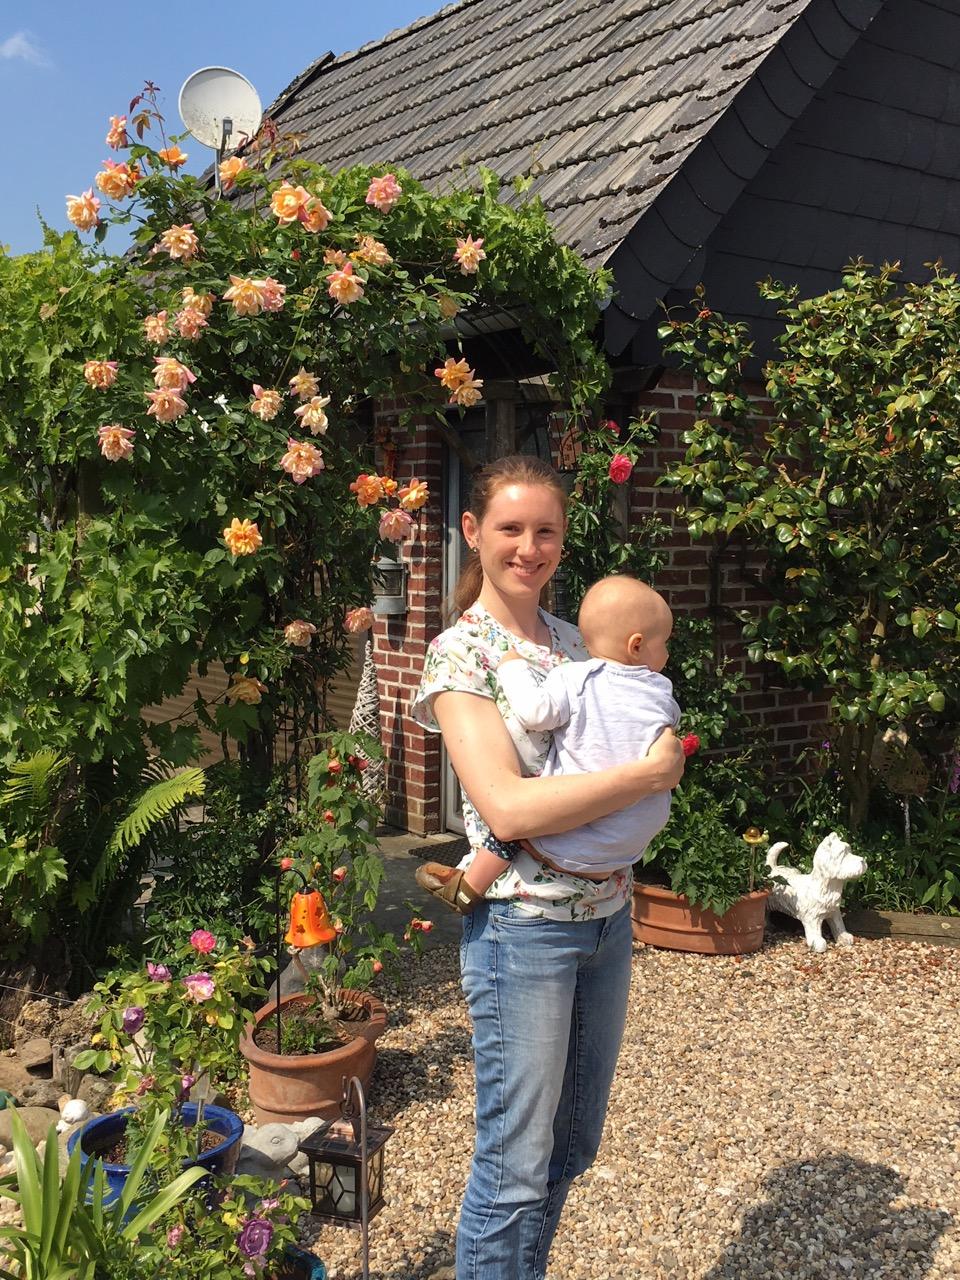 Isabelle (Inhaberin Frau Chefin) mit ihrem Nachwuchs im Garten